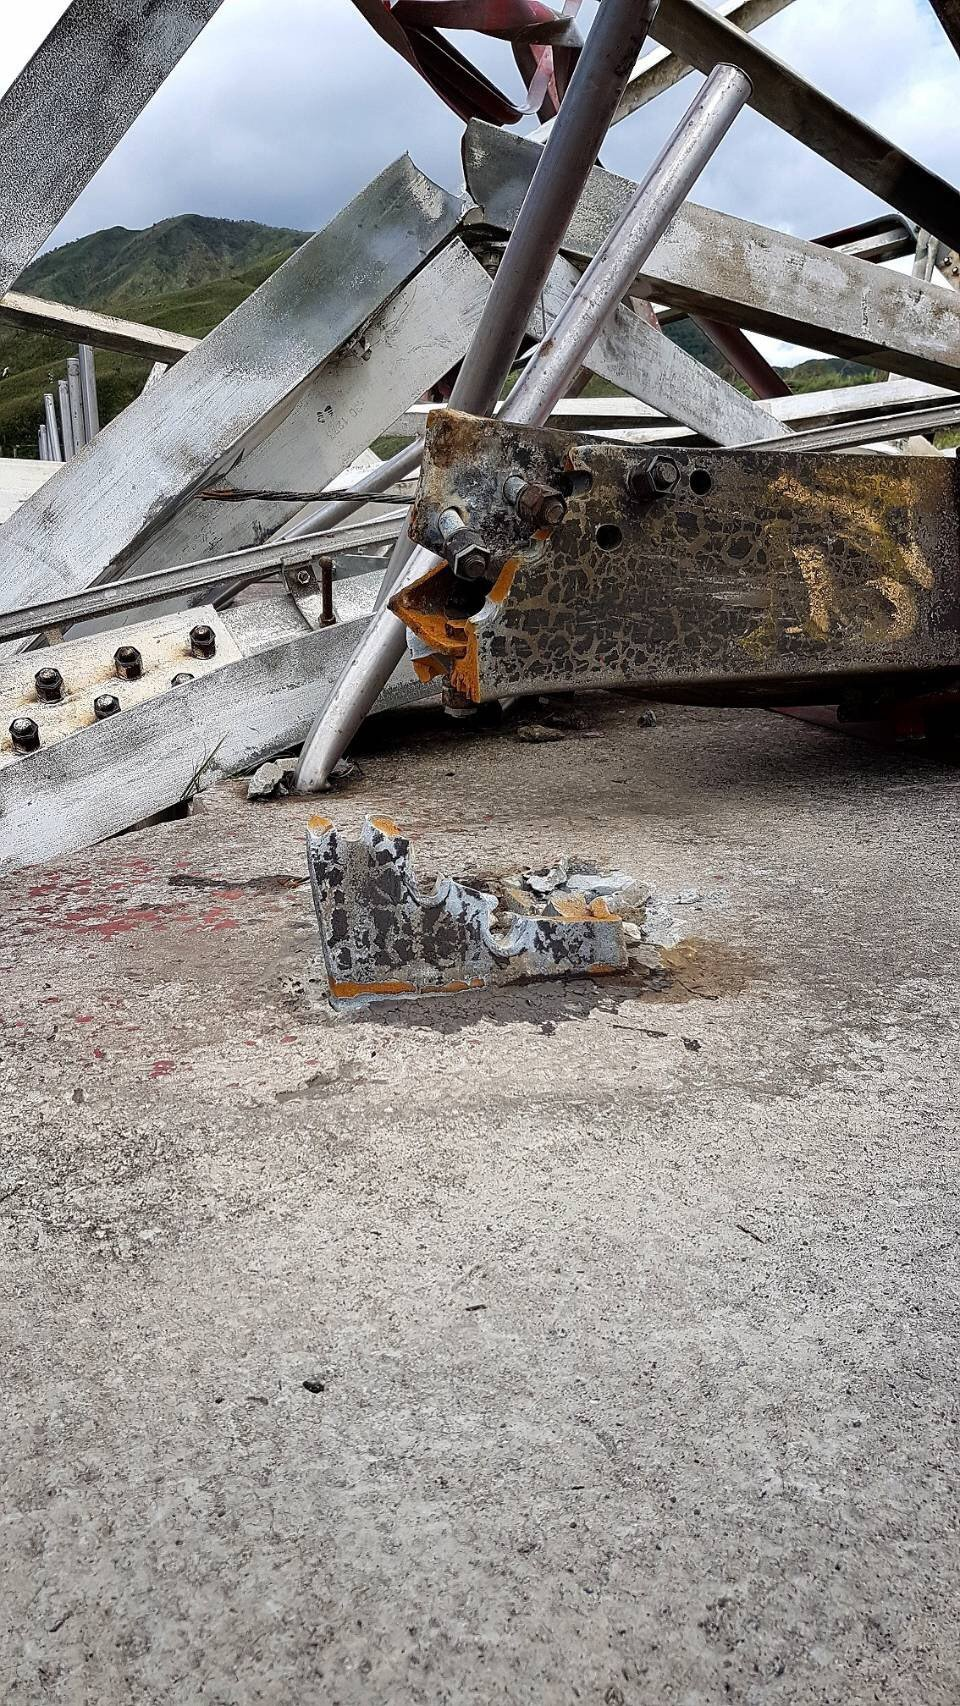 台泥公司和平電廠自有輸電鐵塔倒塌,要找特殊鋼材修復需有一段時間。圖∕民眾提供